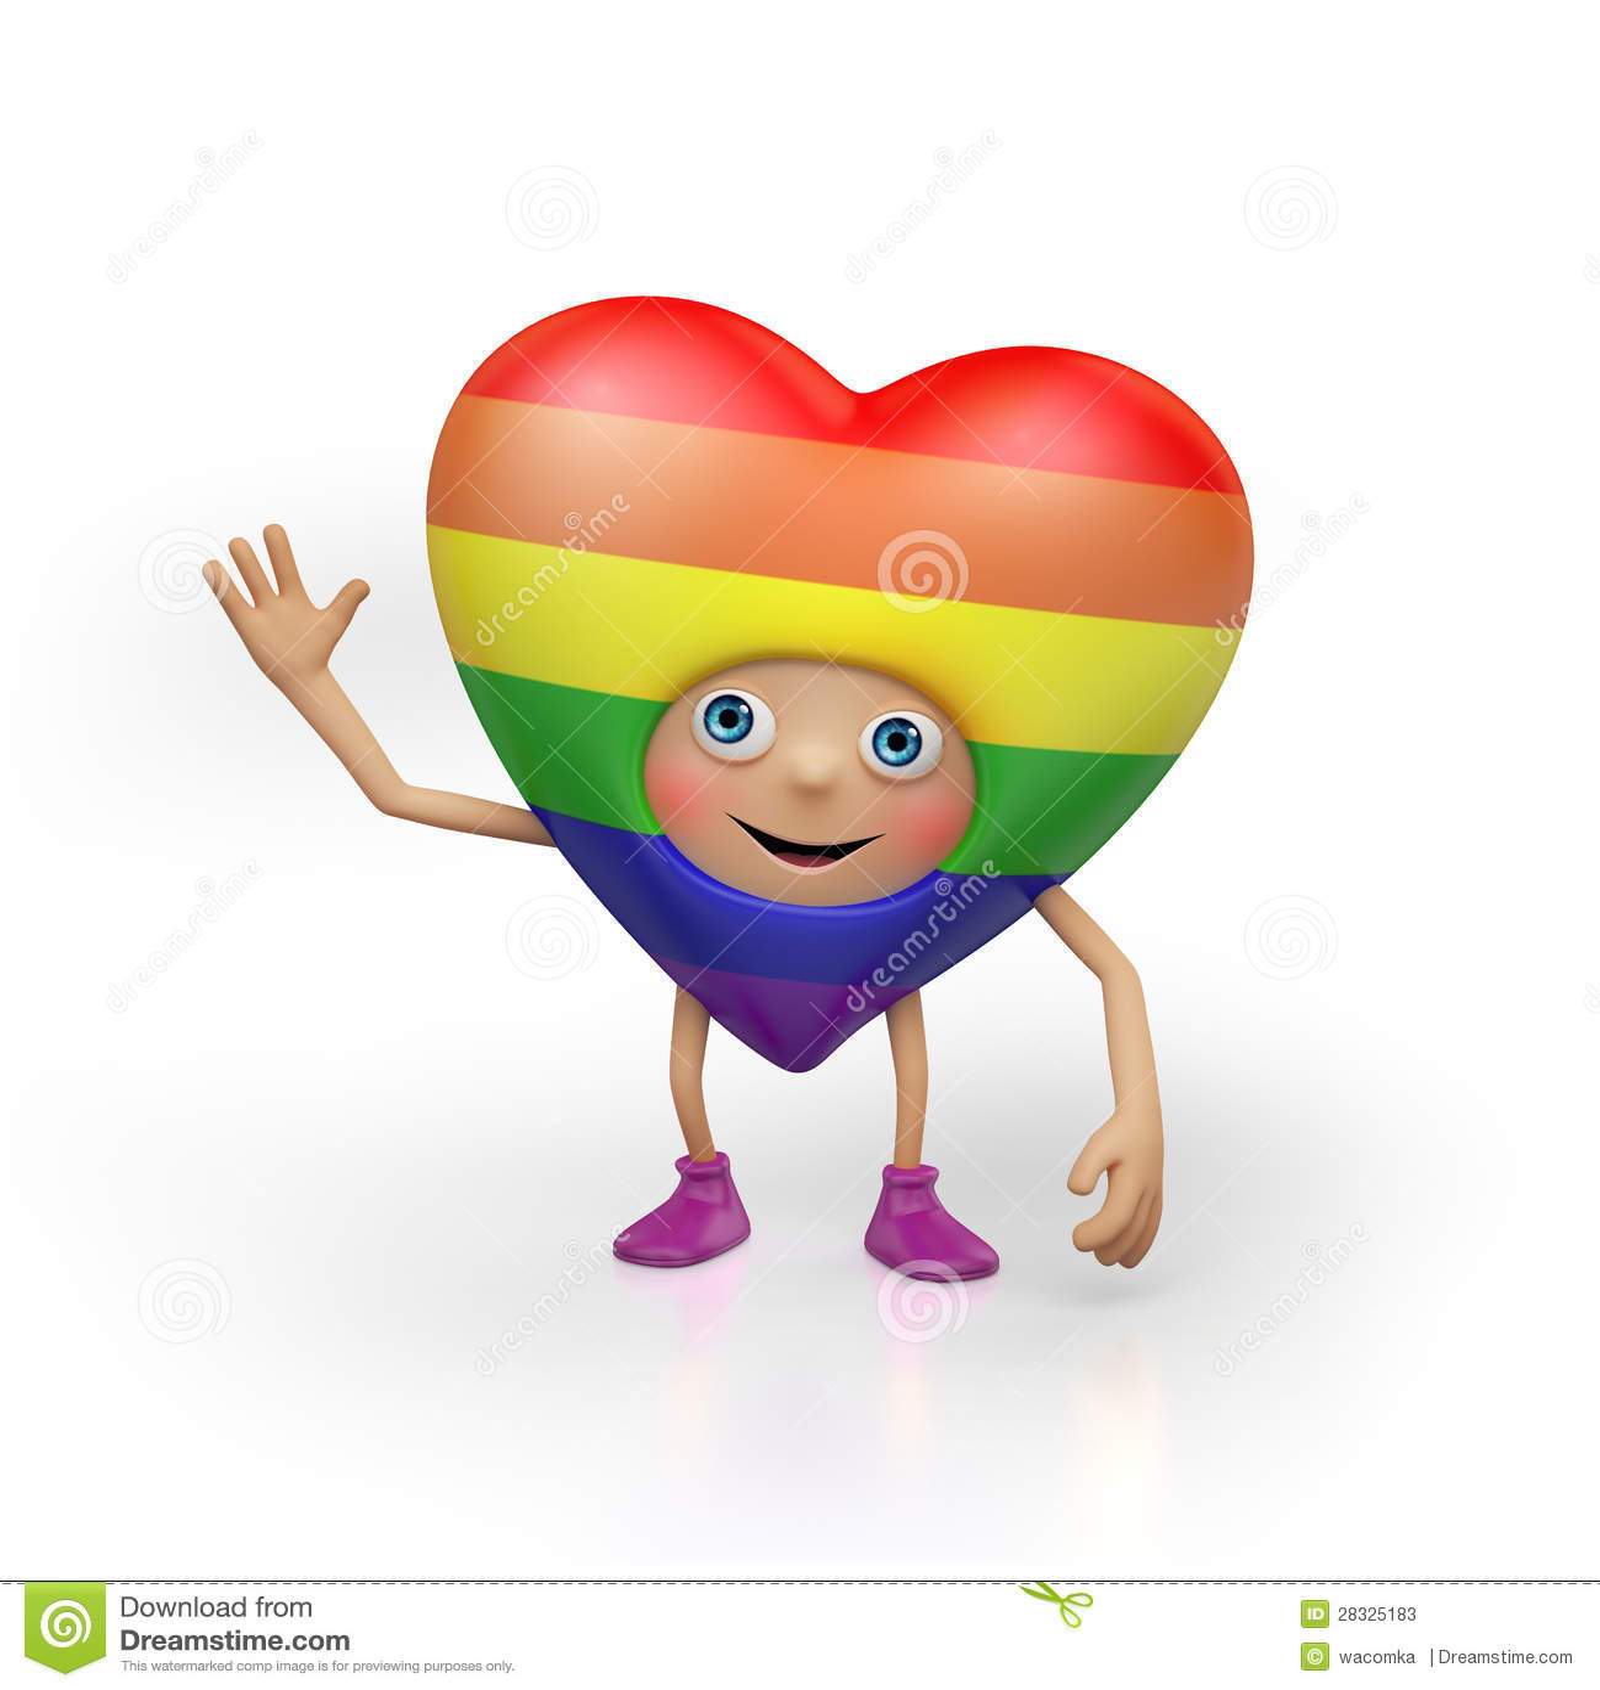 funny gay valentine heart cartoon character